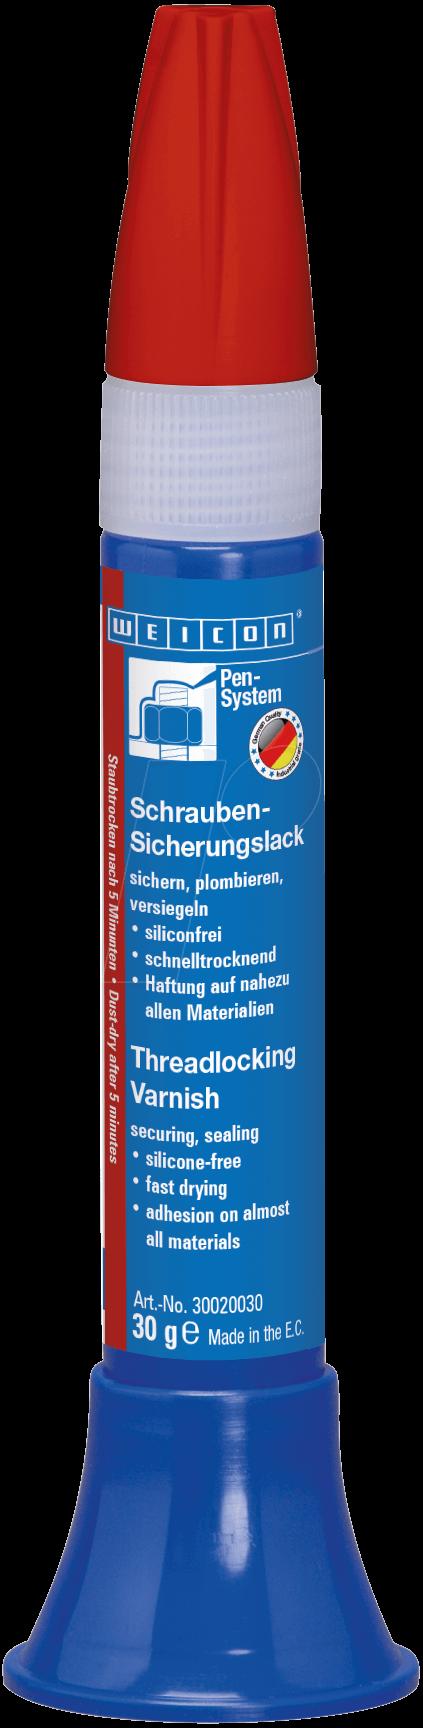 https://cdn-reichelt.de/bilder/web/xxl_ws/D800/WEICON_30020030.png